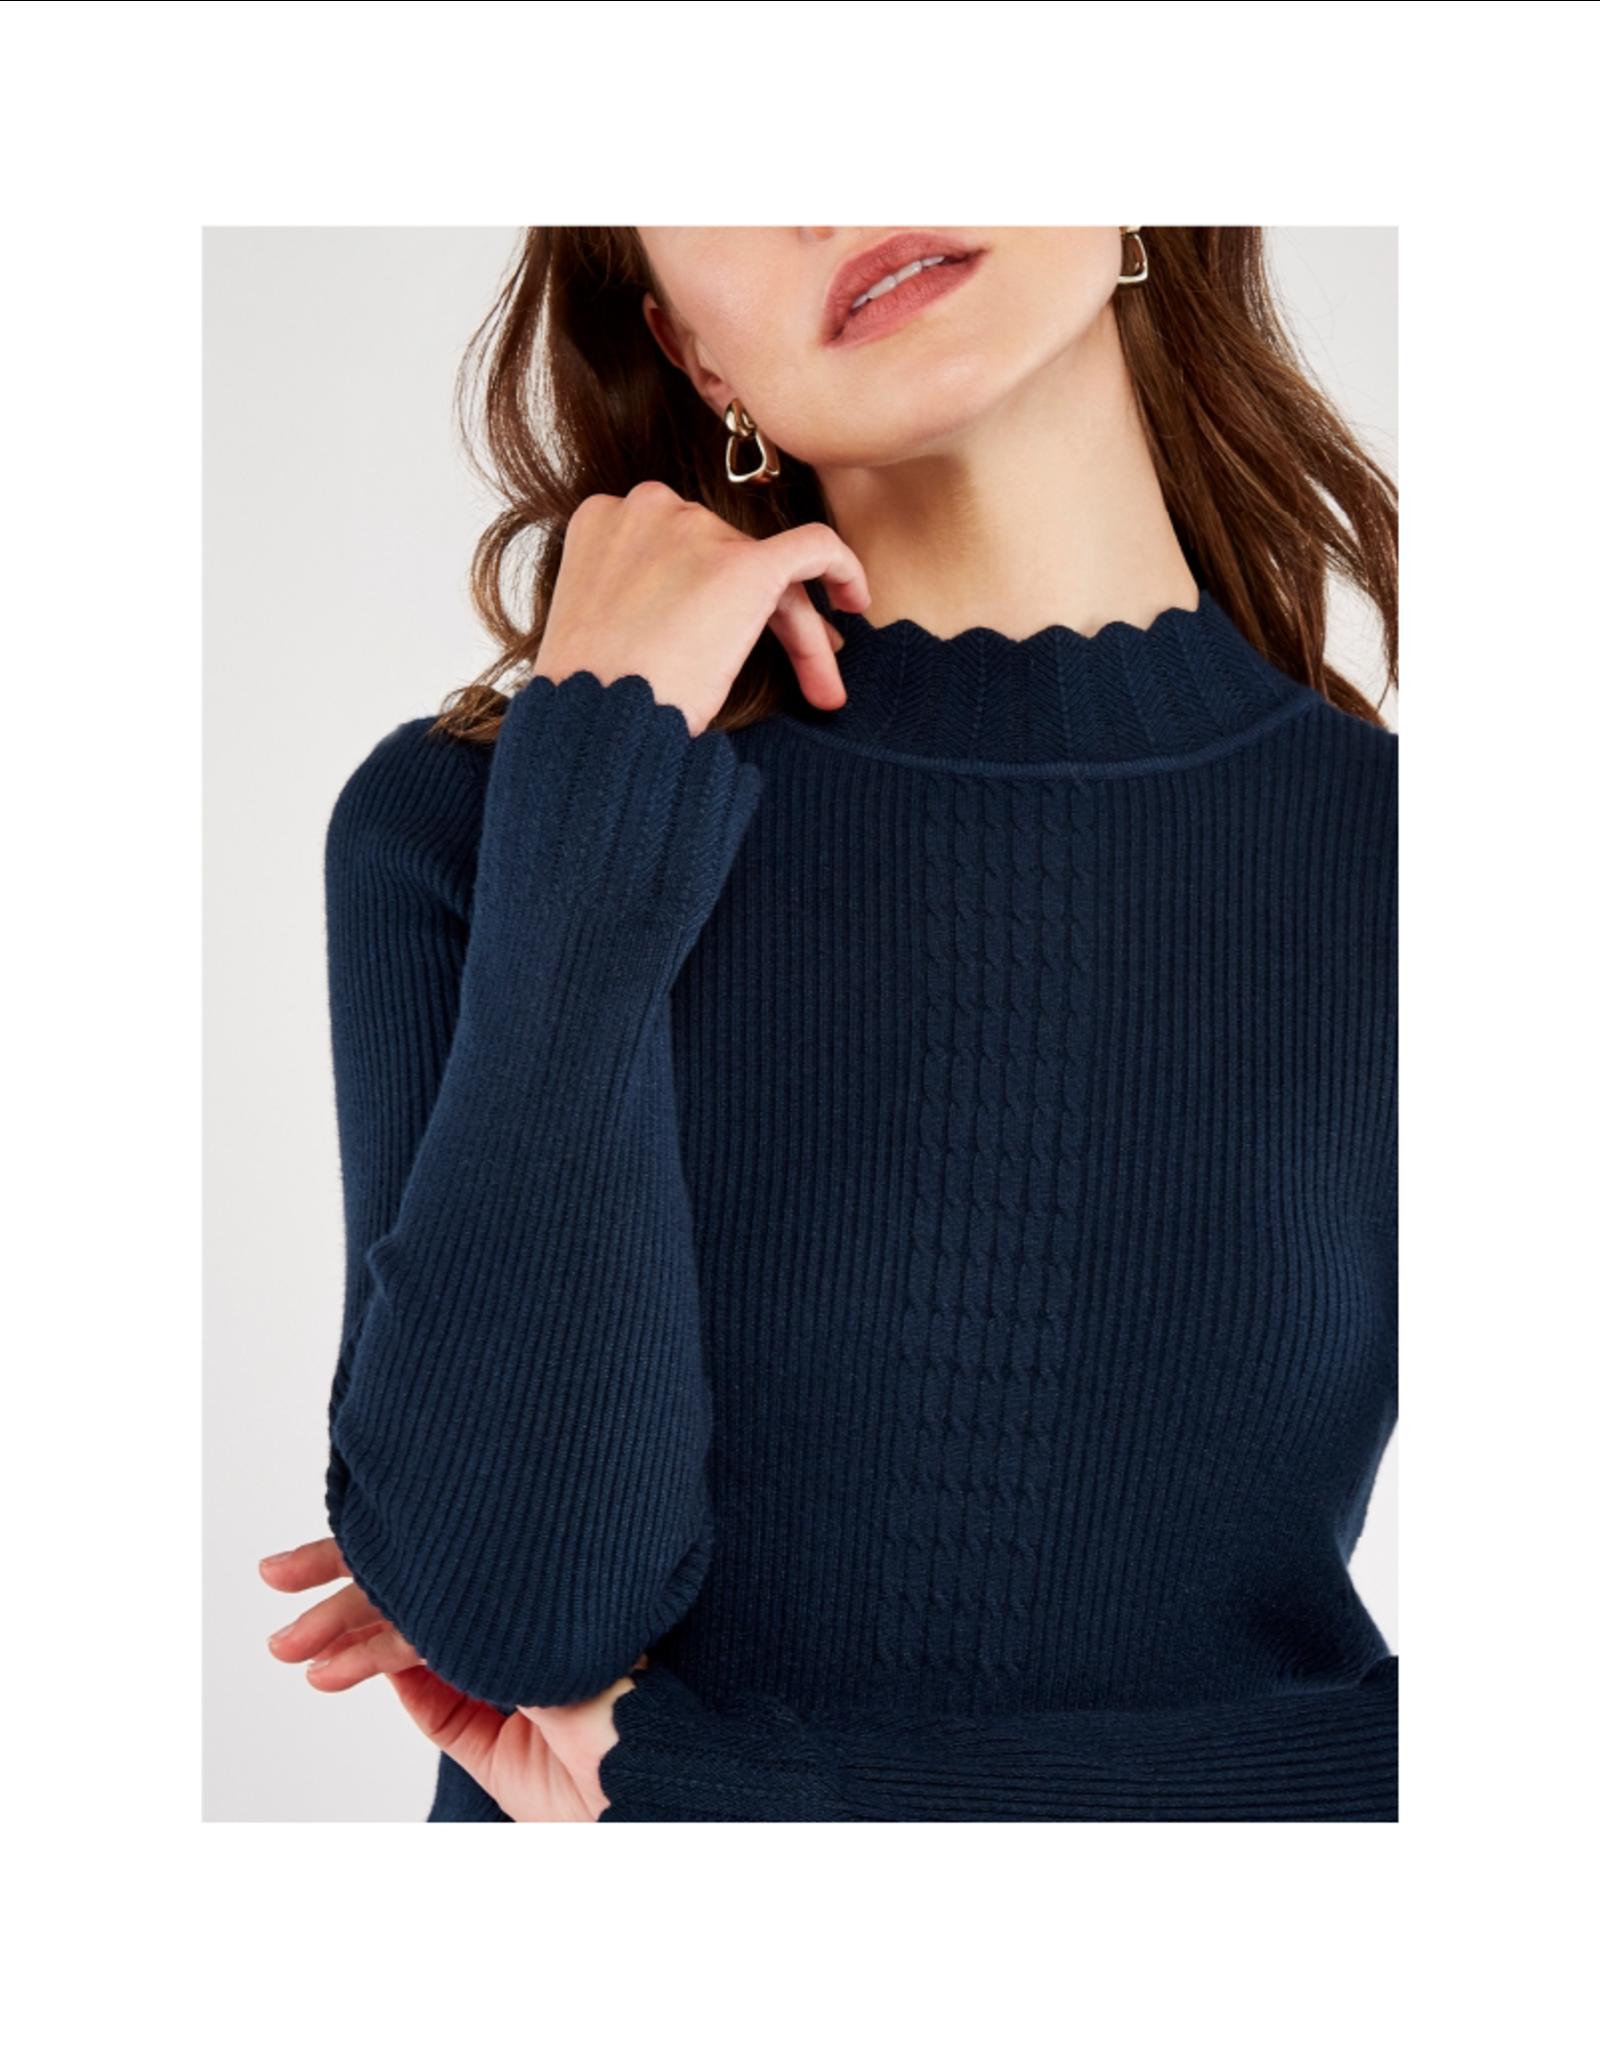 Apricot Apricot Scalloped Rib Sweater